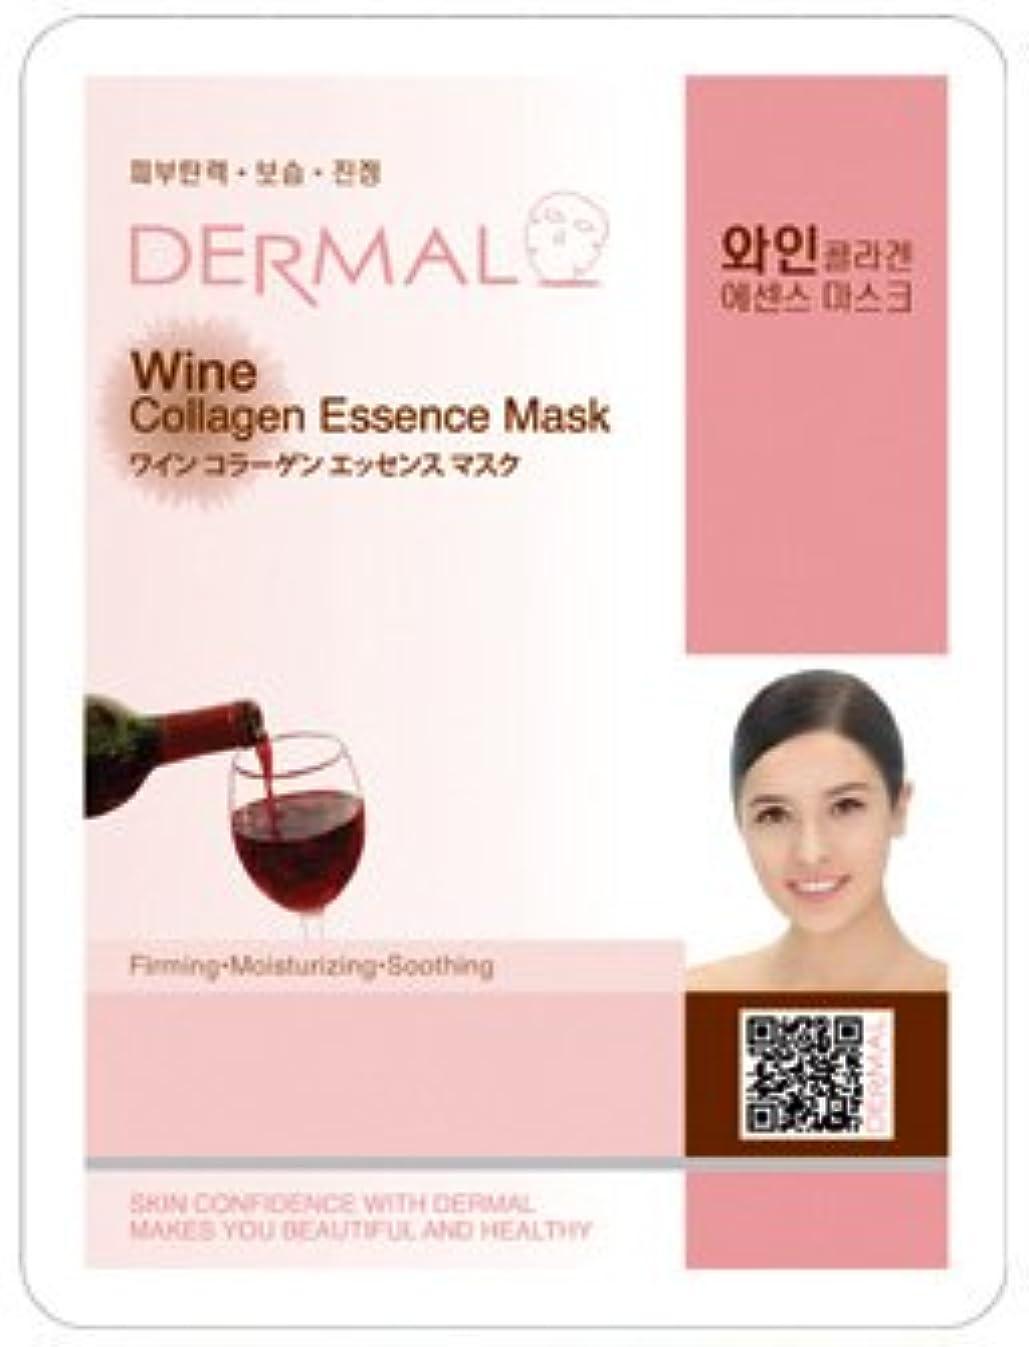 軍隊経験頑張るシート マスク ワイン ダーマル Dermal 23g (10枚セット) フェイス パック